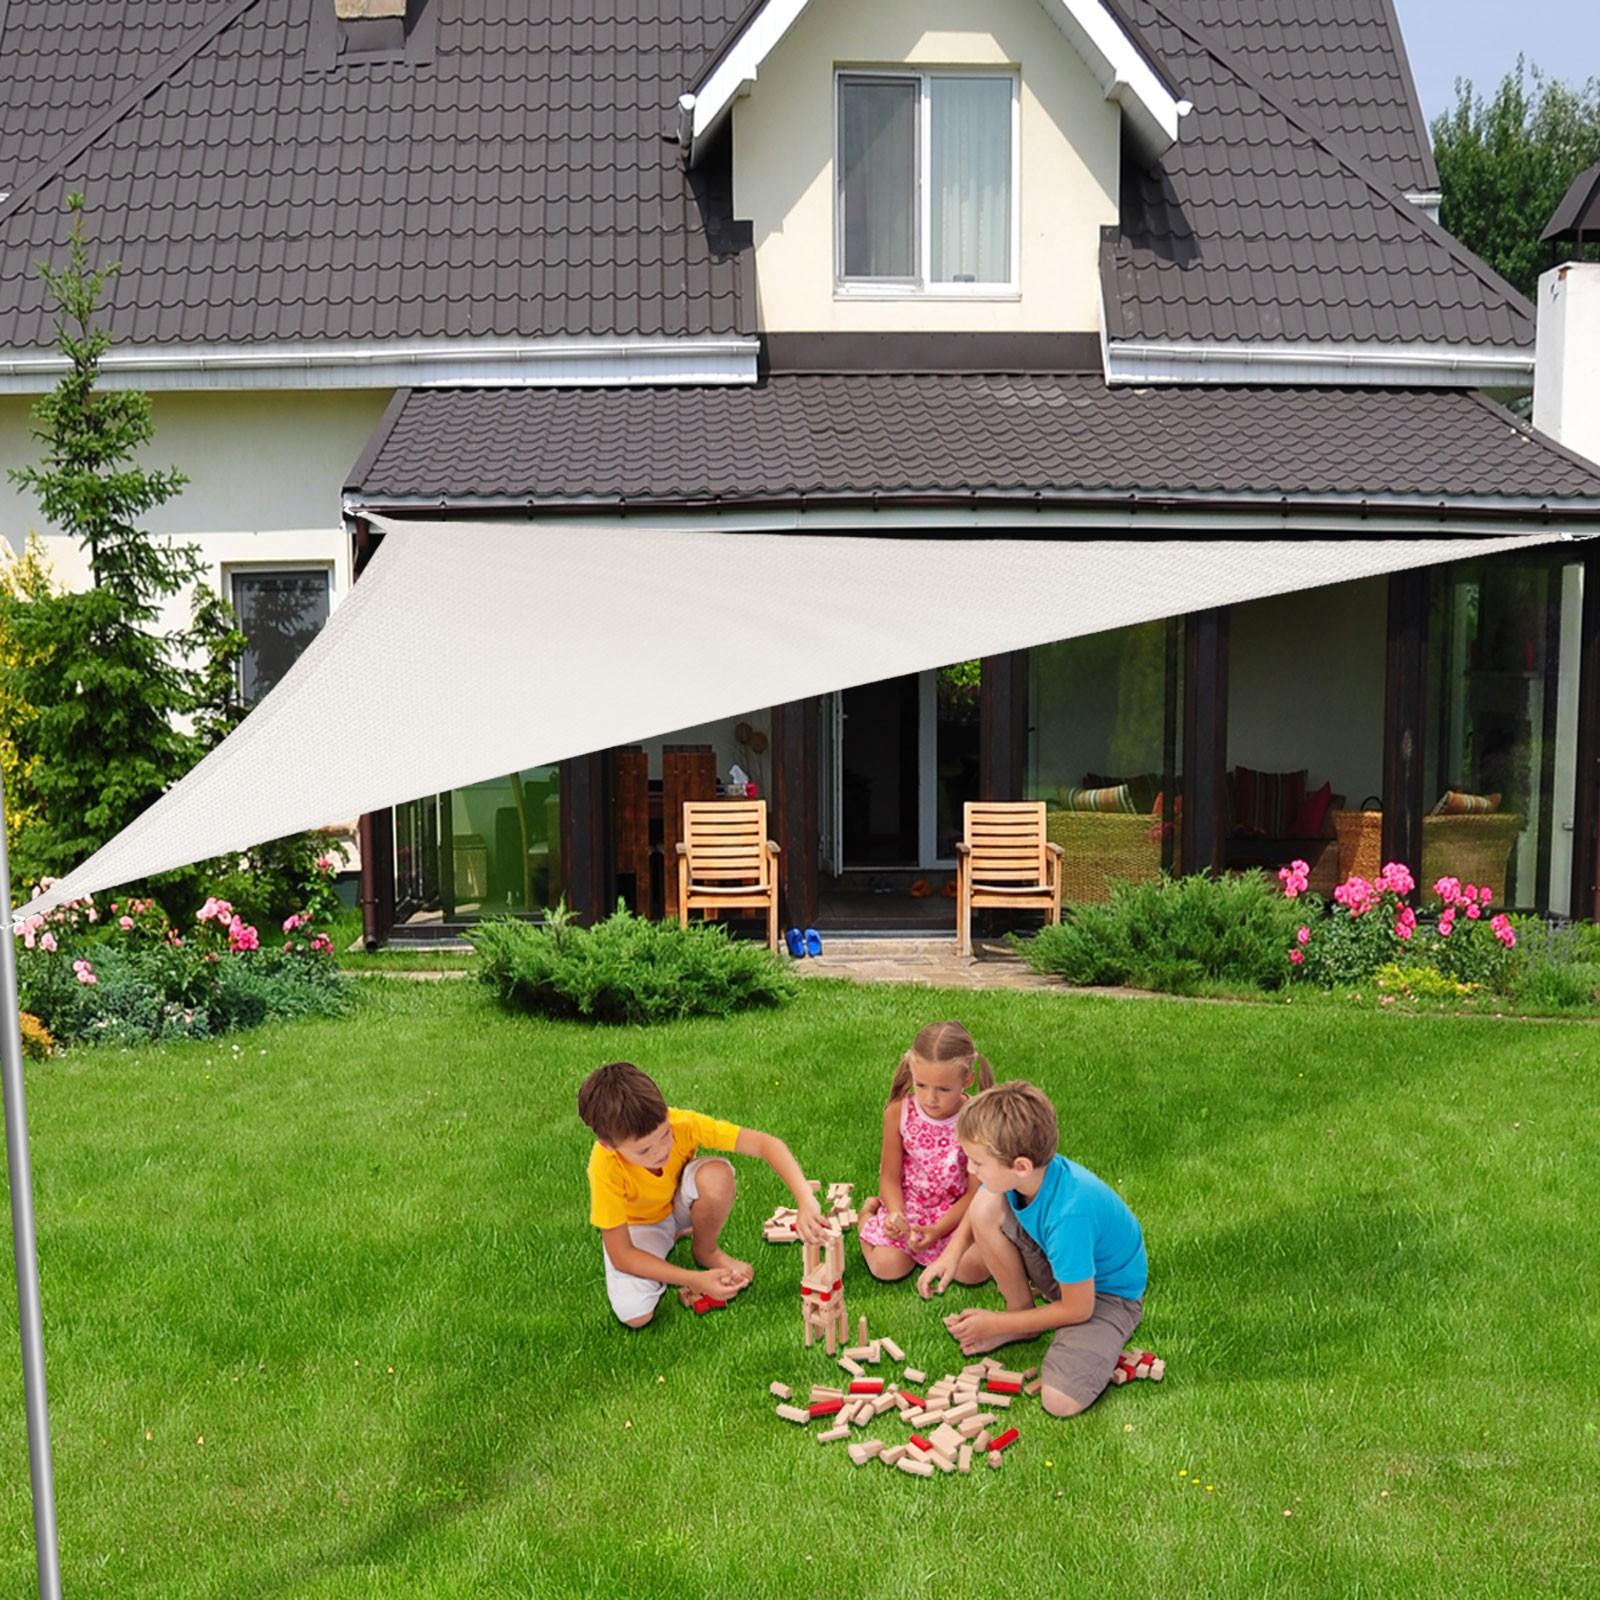 Toiles D'ombrage Triangle - Vous Protège Des Uv Et De La Pluie dedans Toile Jardin Triangle